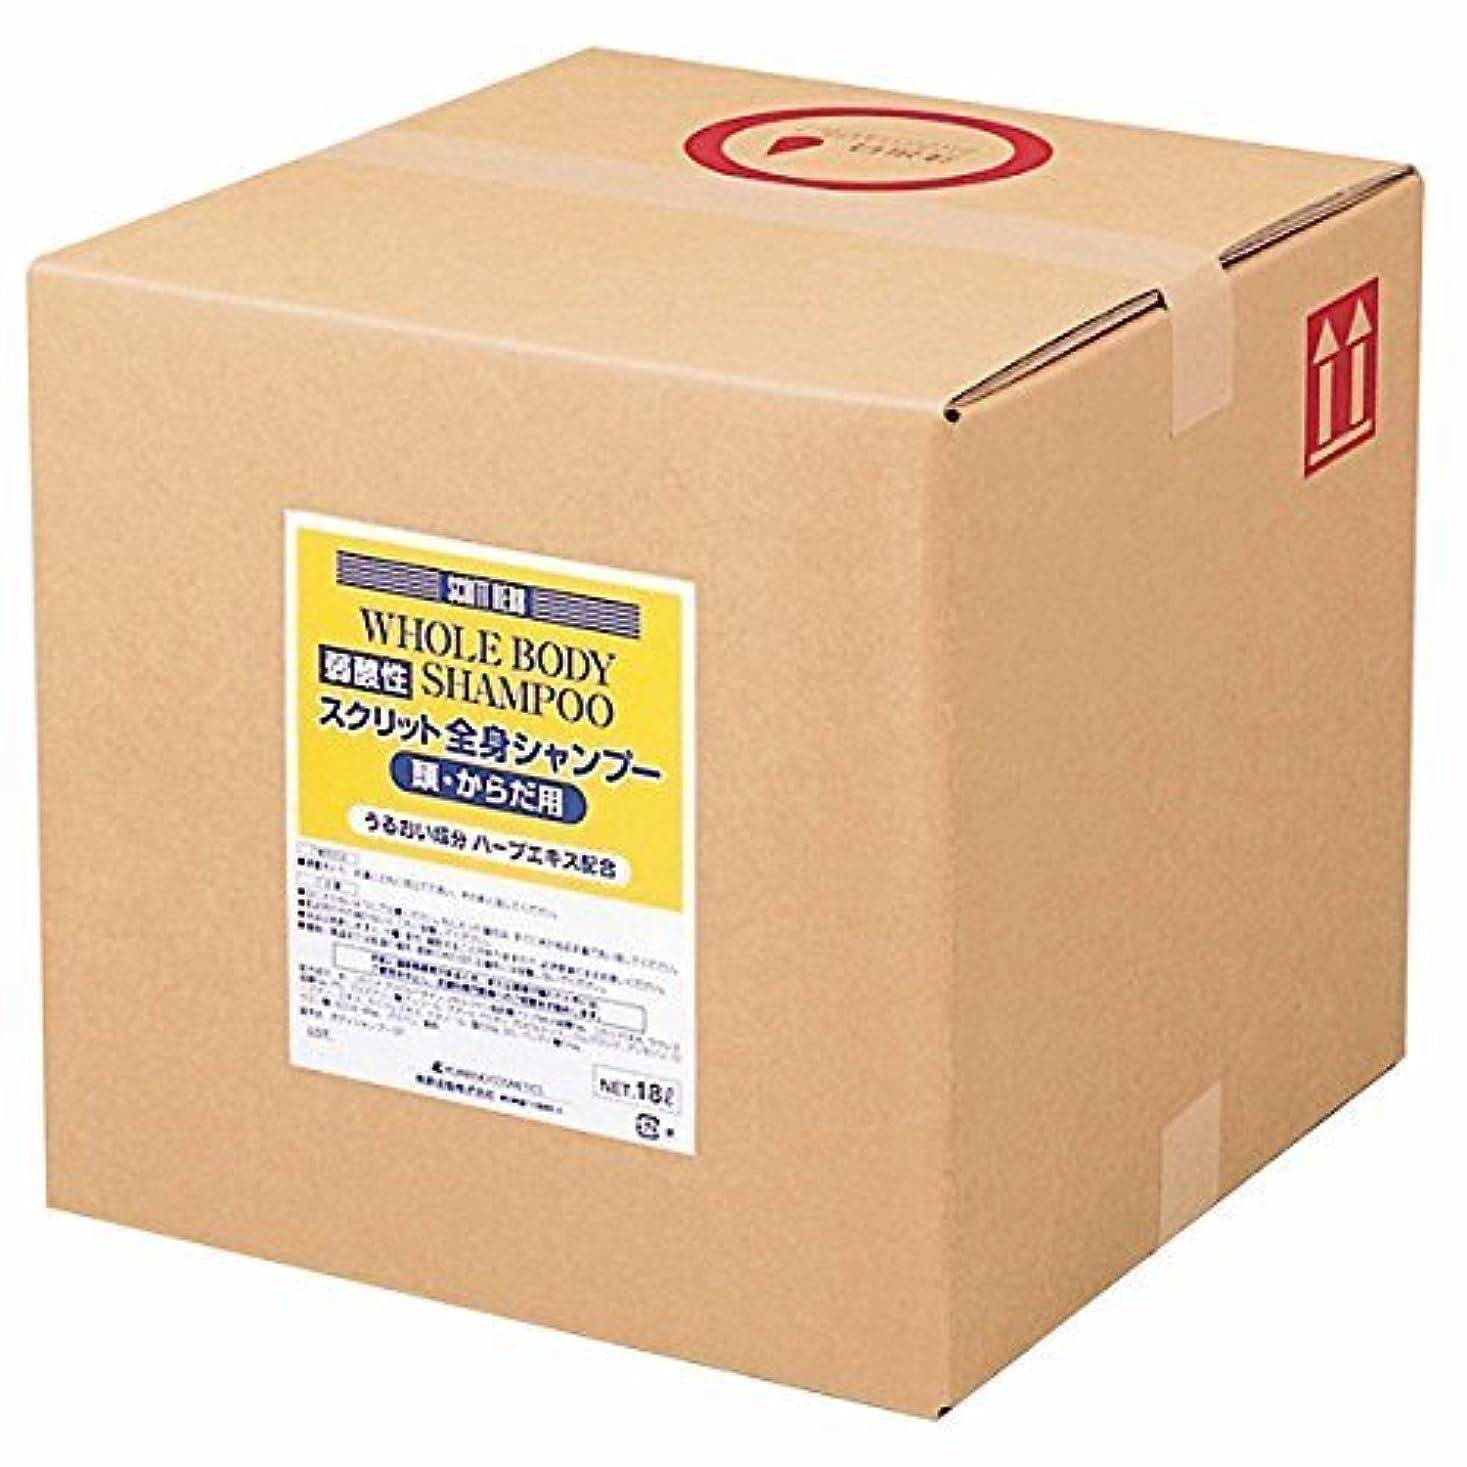 アミューズメントサージ自明業務用 SCRITT(スクリット) 全身シャンプー 18L 熊野油脂 (コック付き)